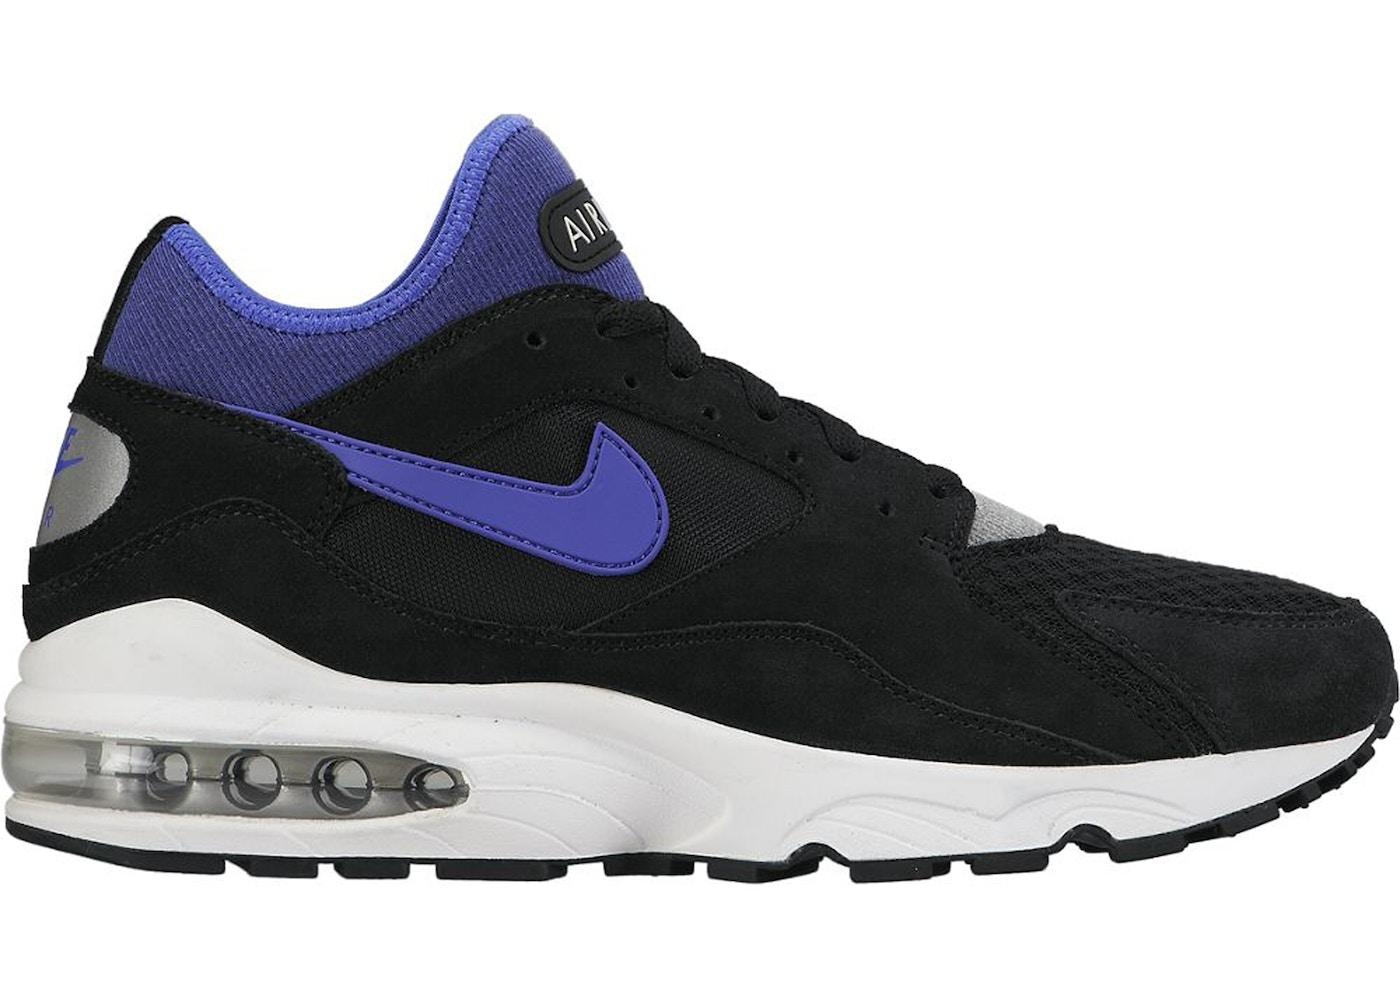 Nike Air Max 93 Black Persian Violet - 306551-015